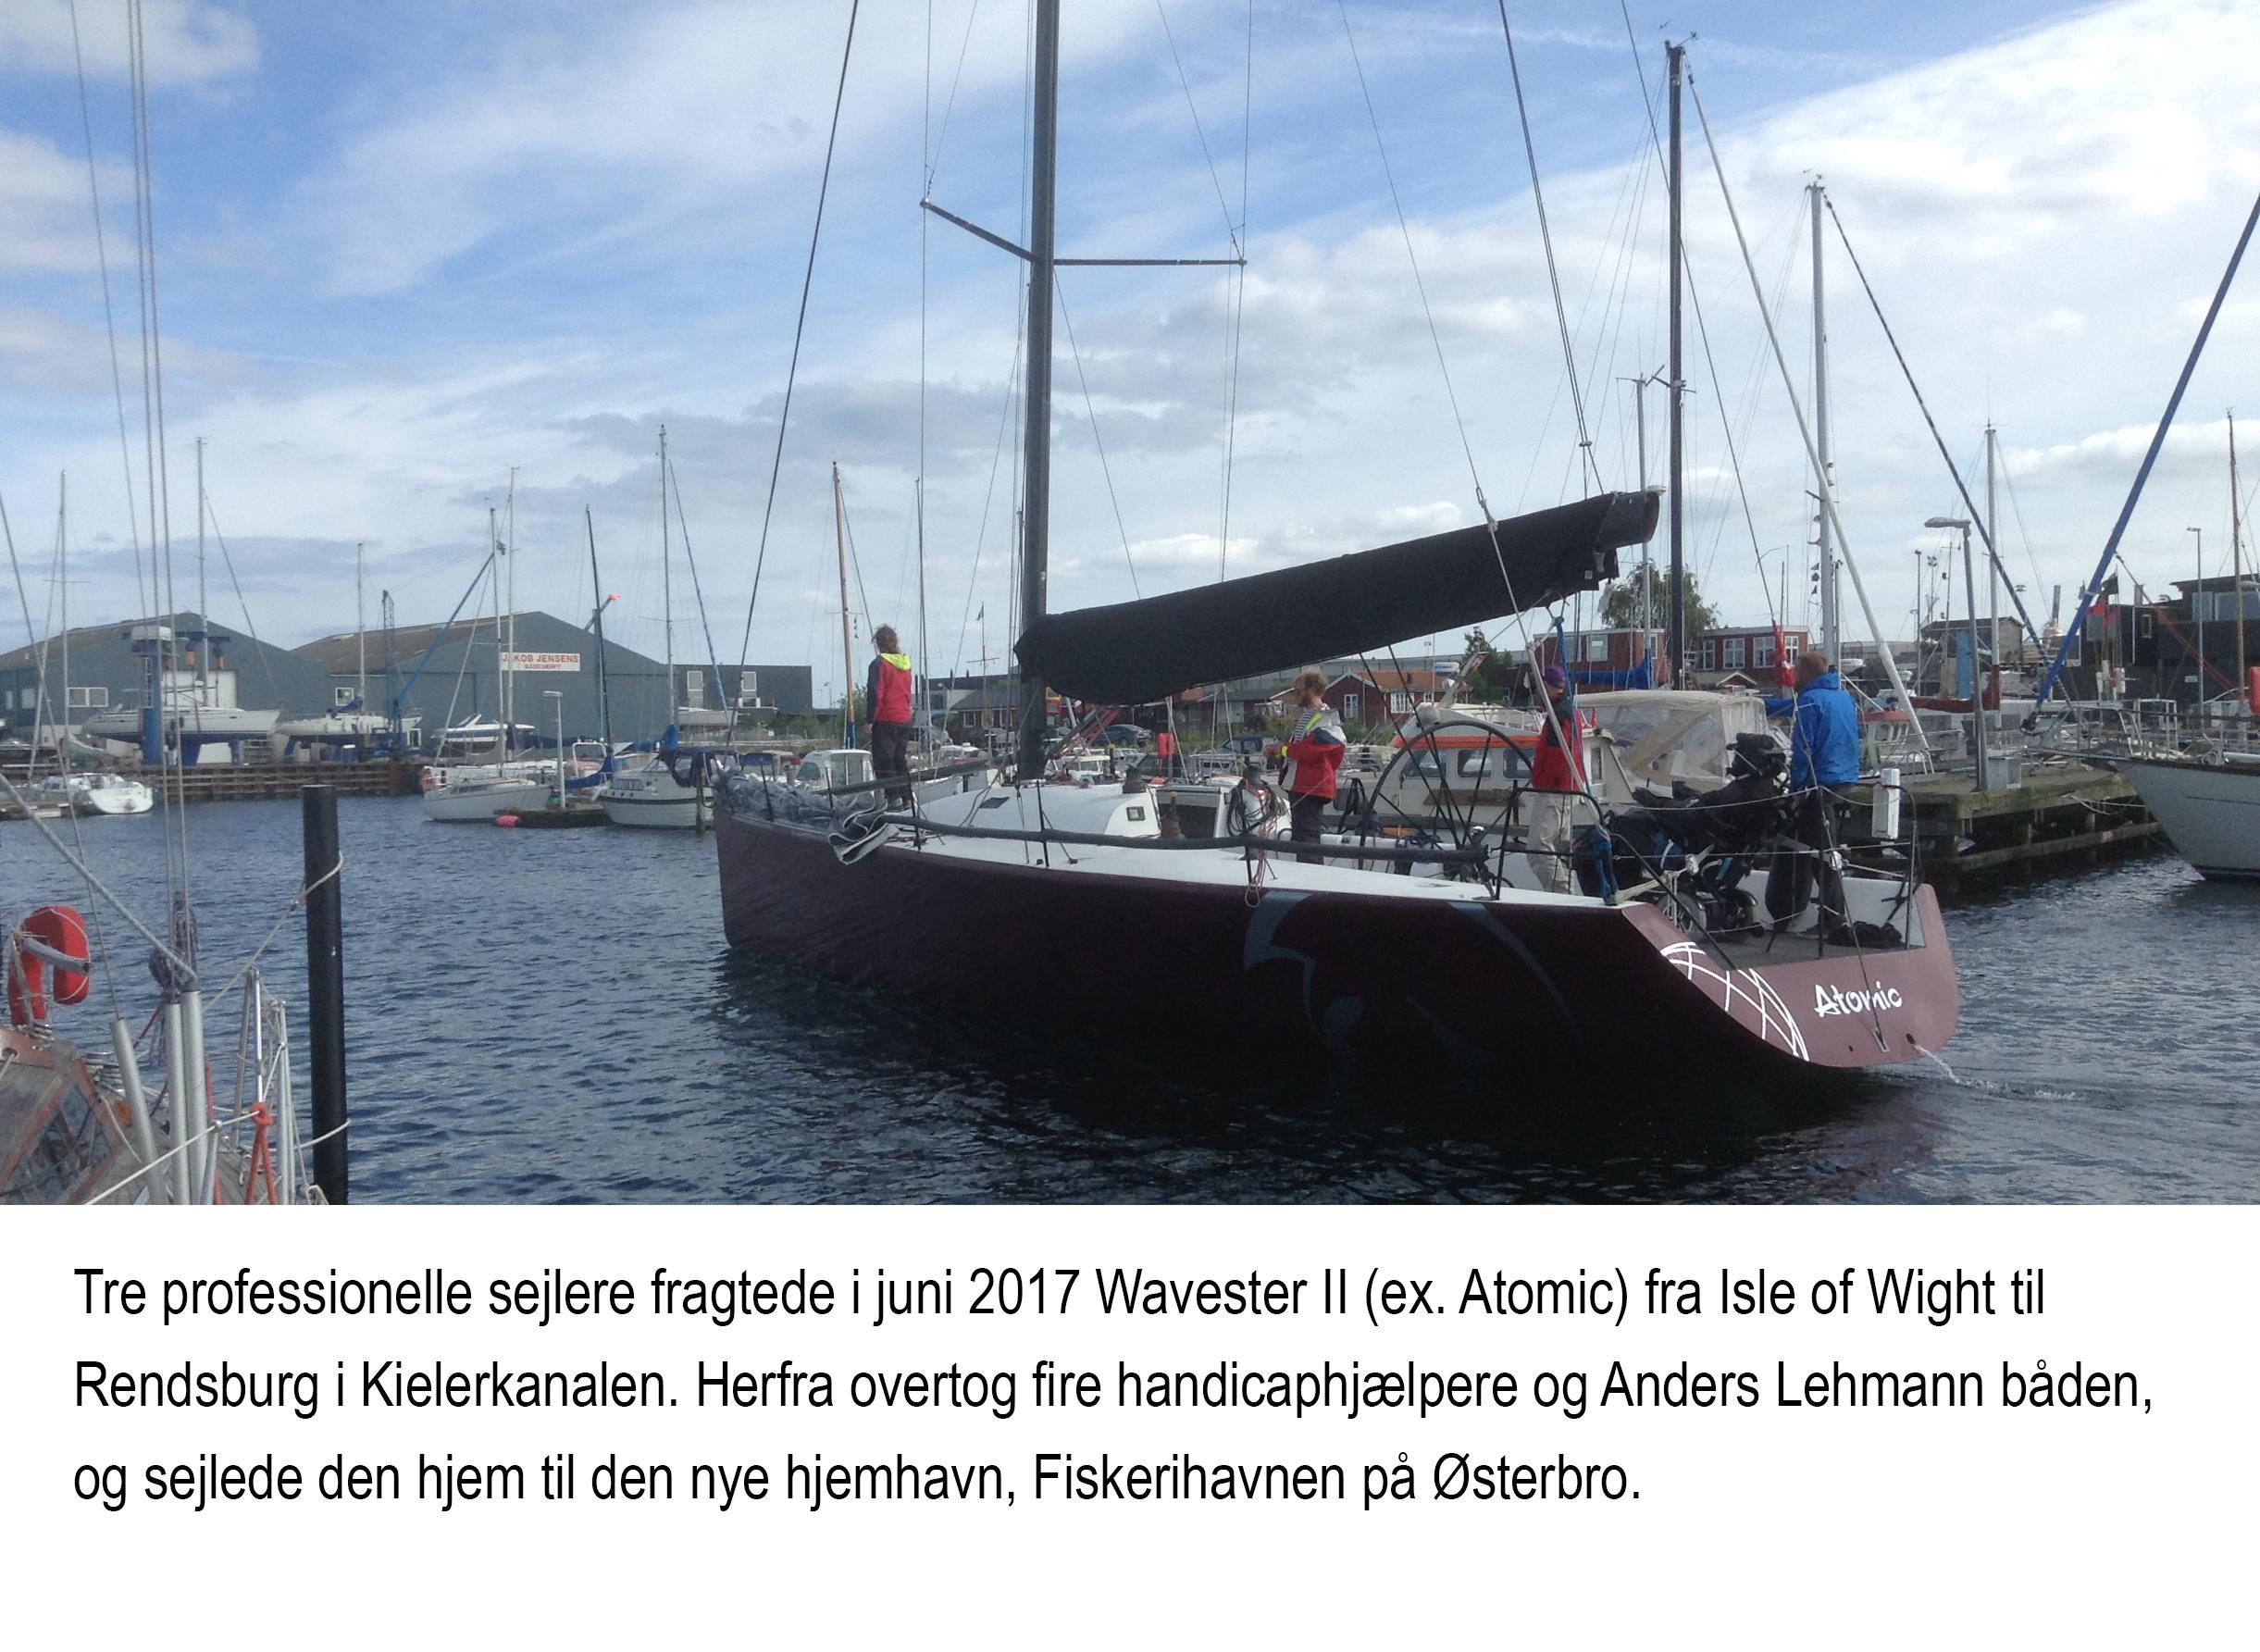 Wavester II